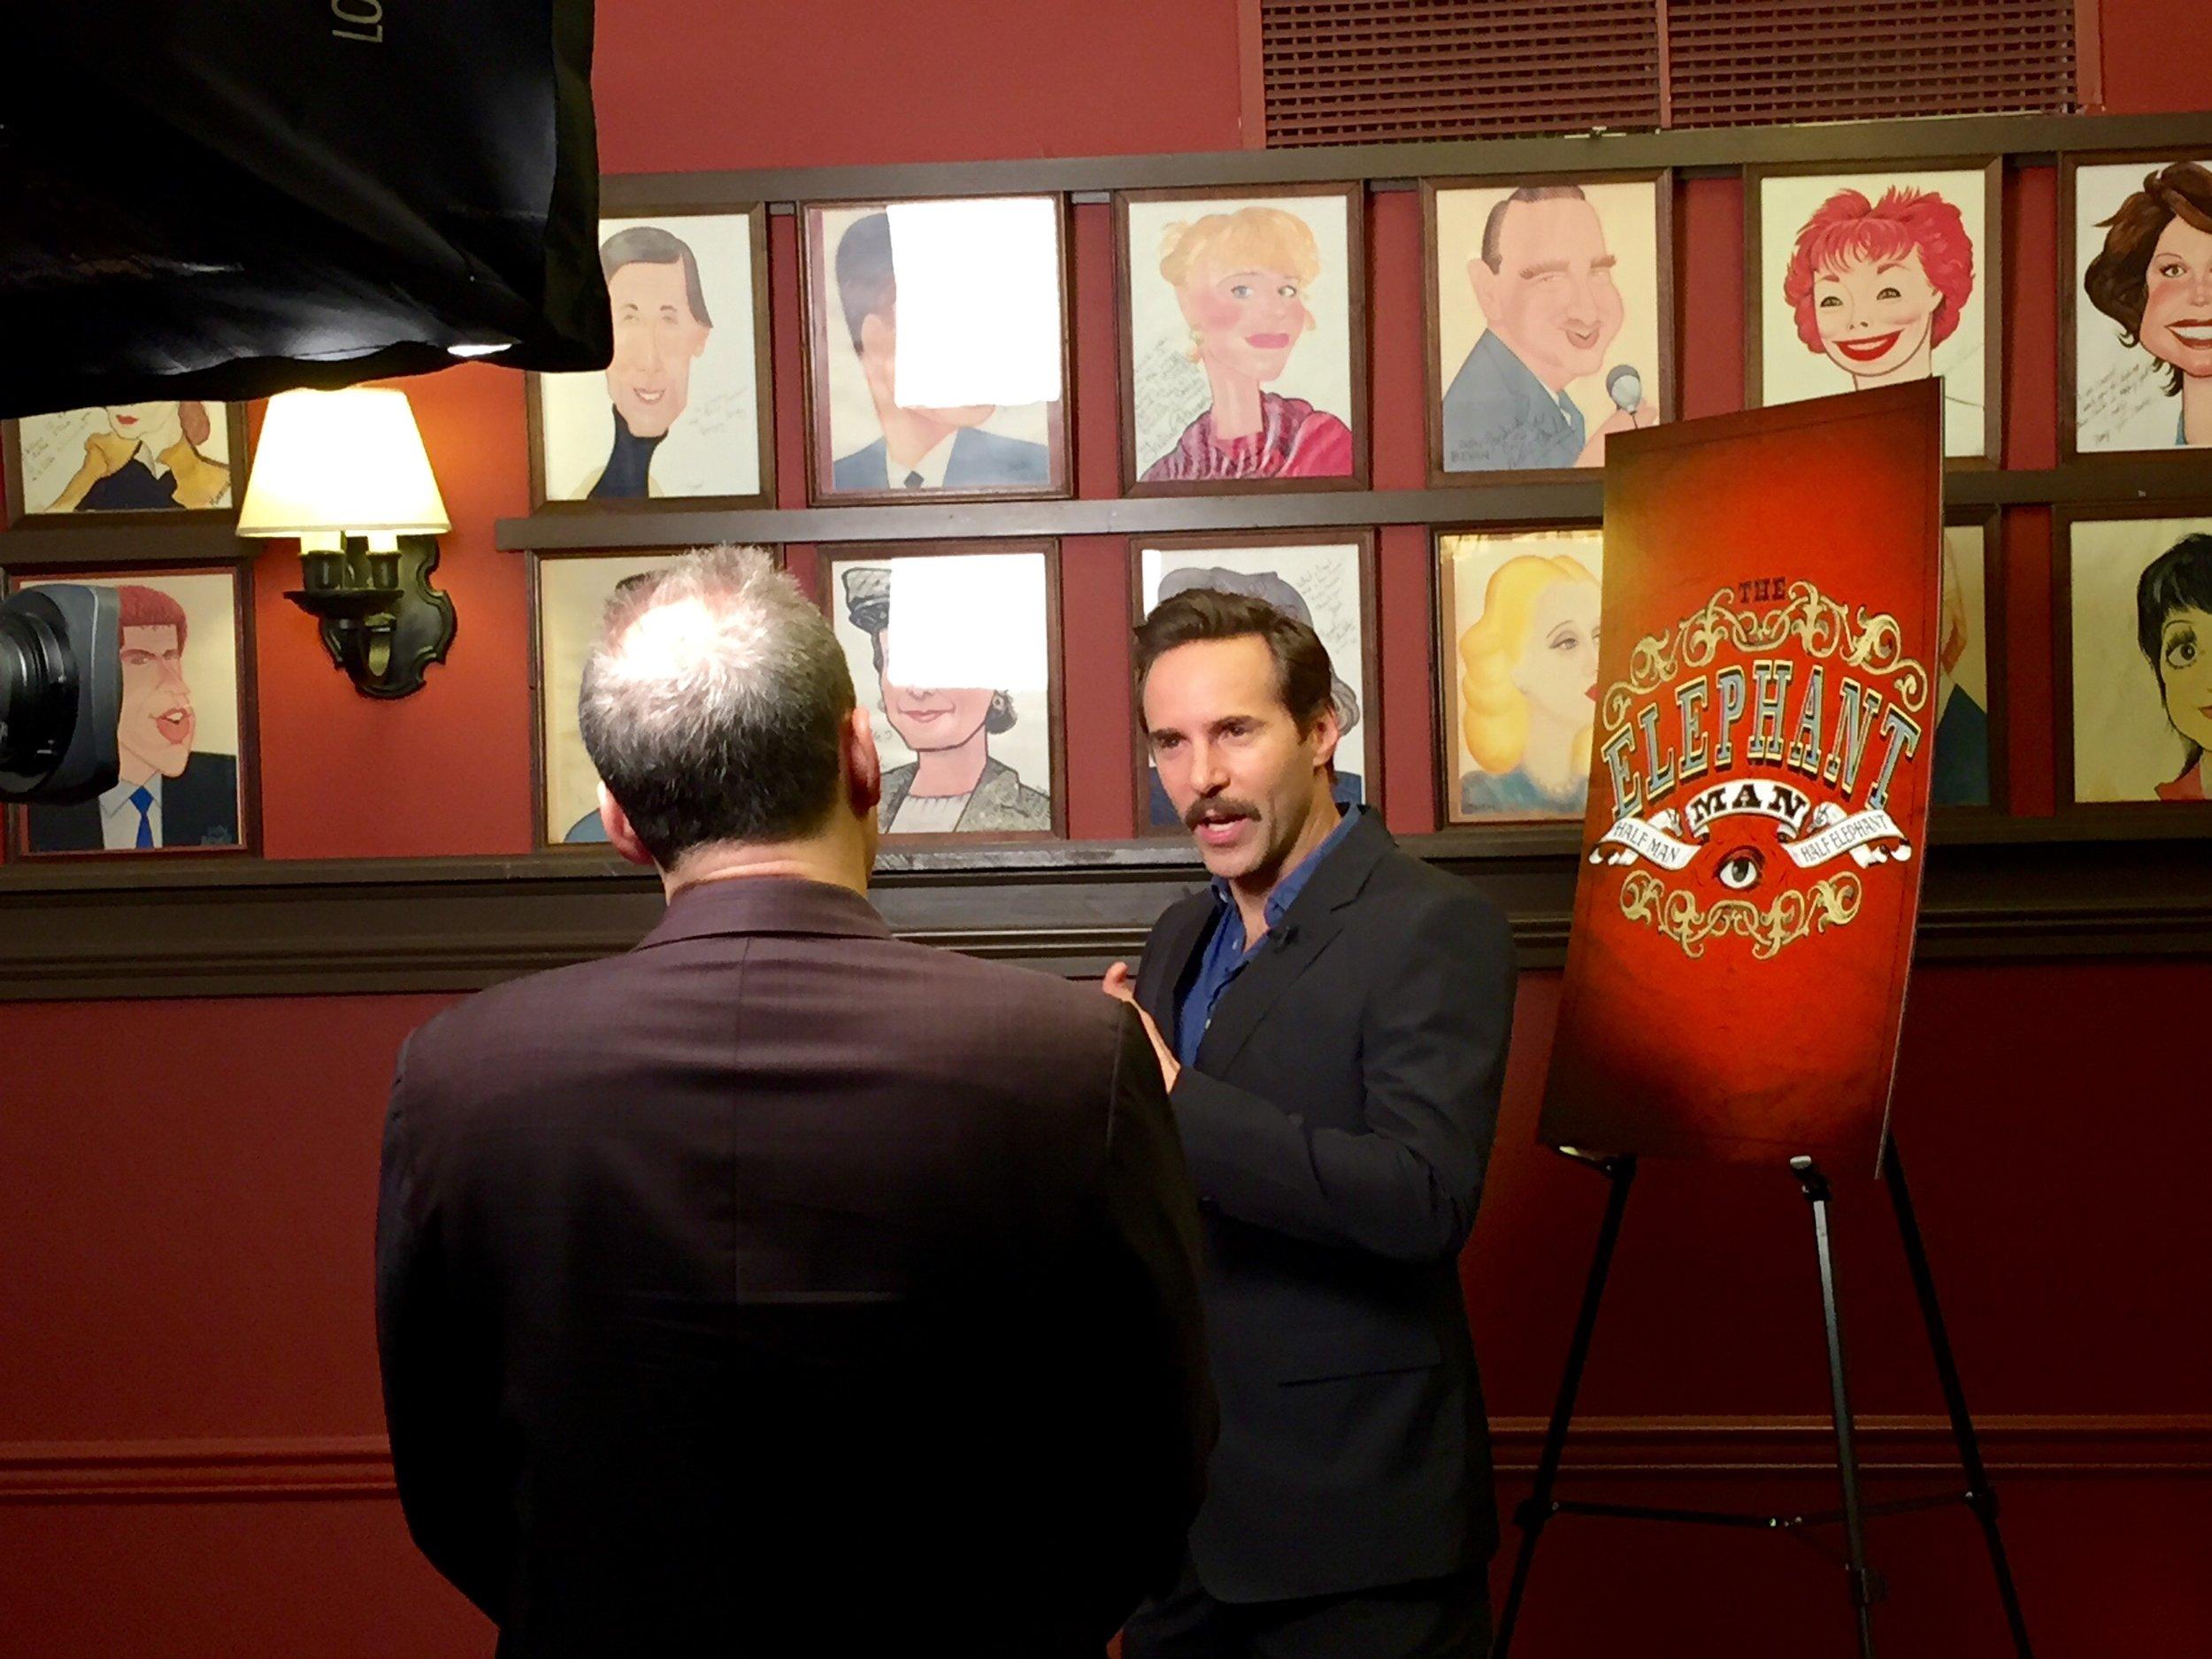 Alessandro Nivola at Sardi's Press Event (photo by Scott)